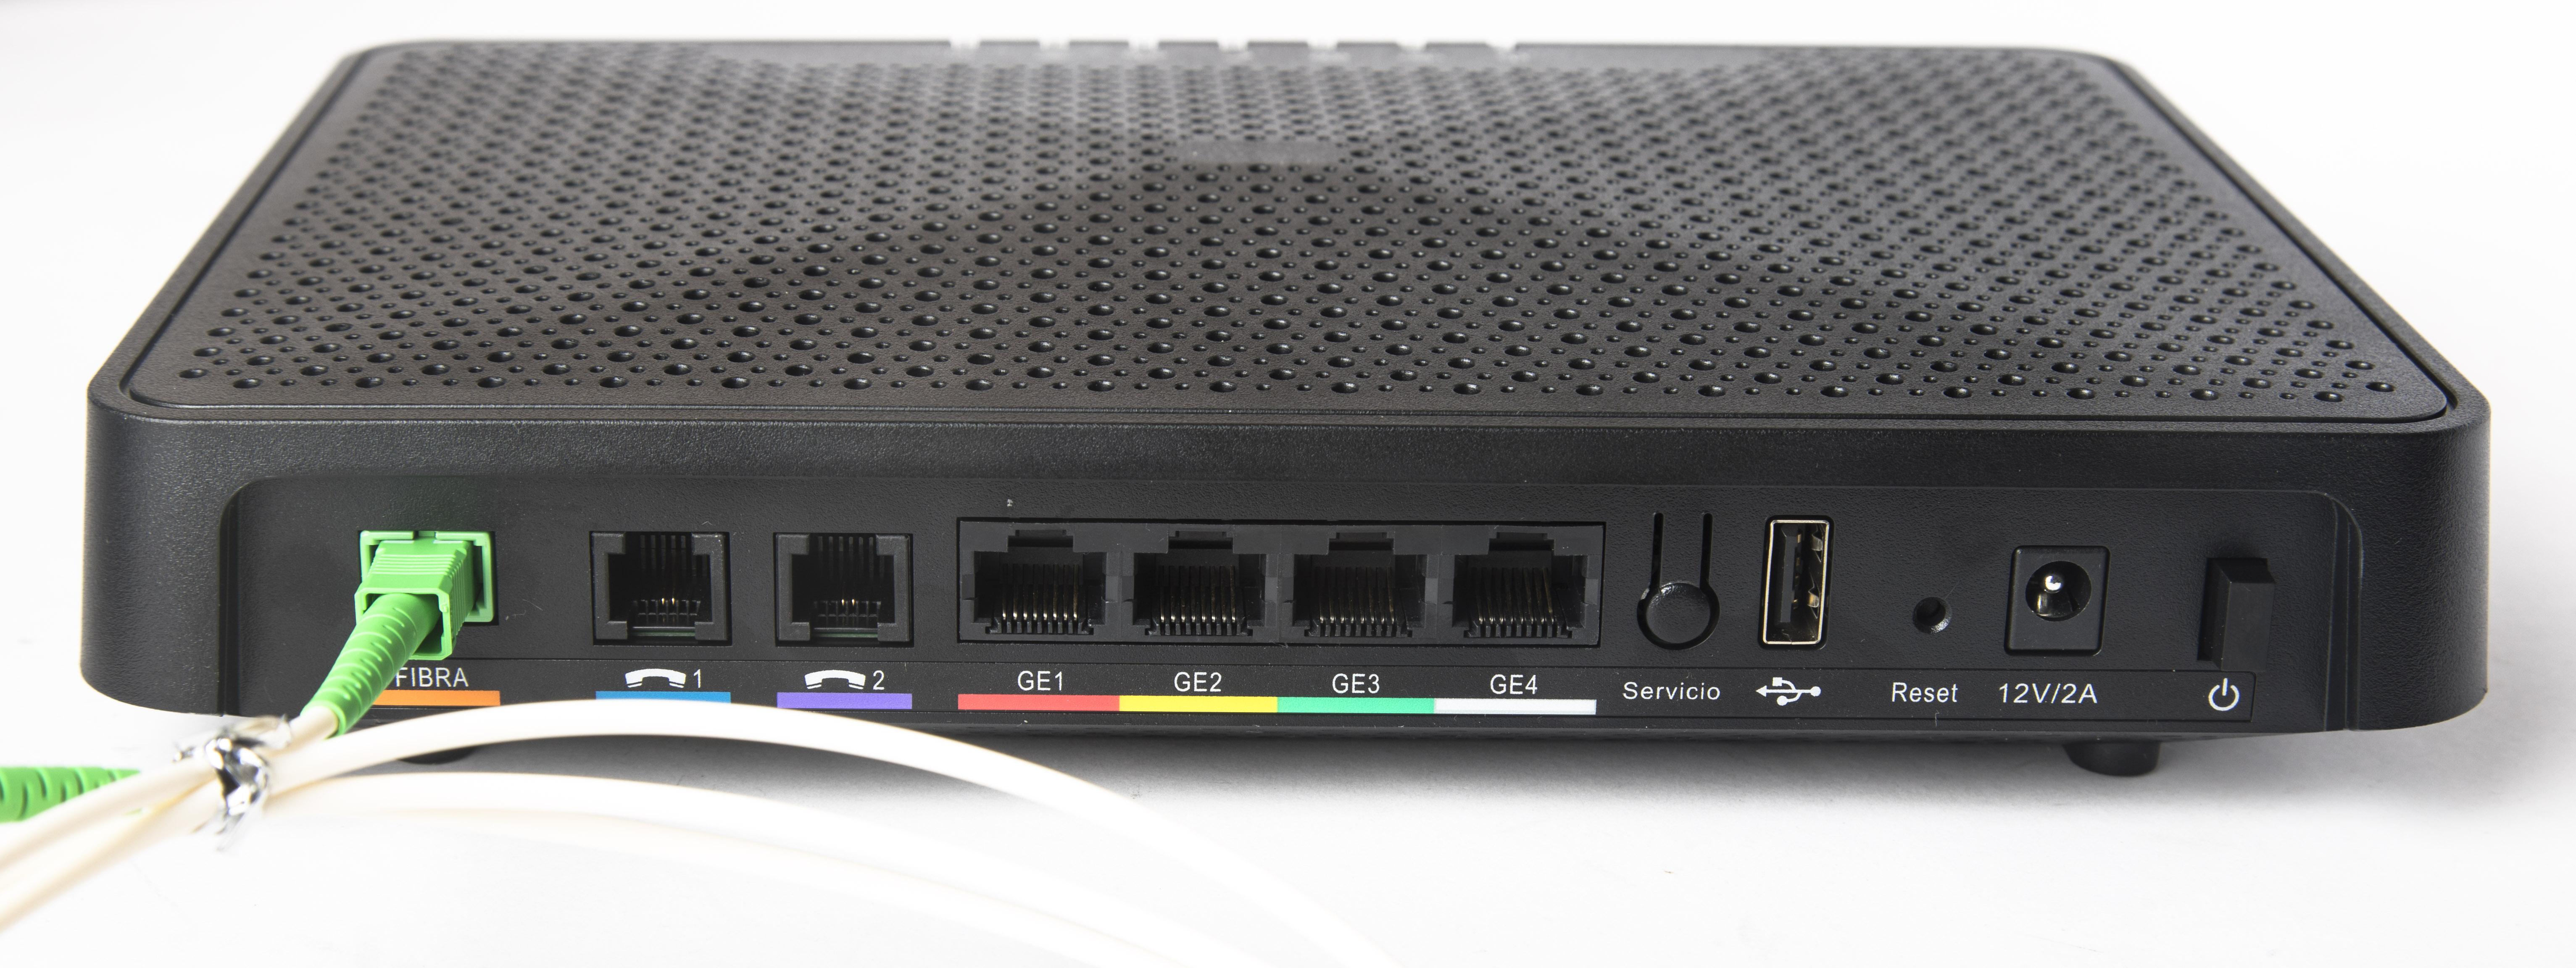 Resultado de imagen de router fibra orange